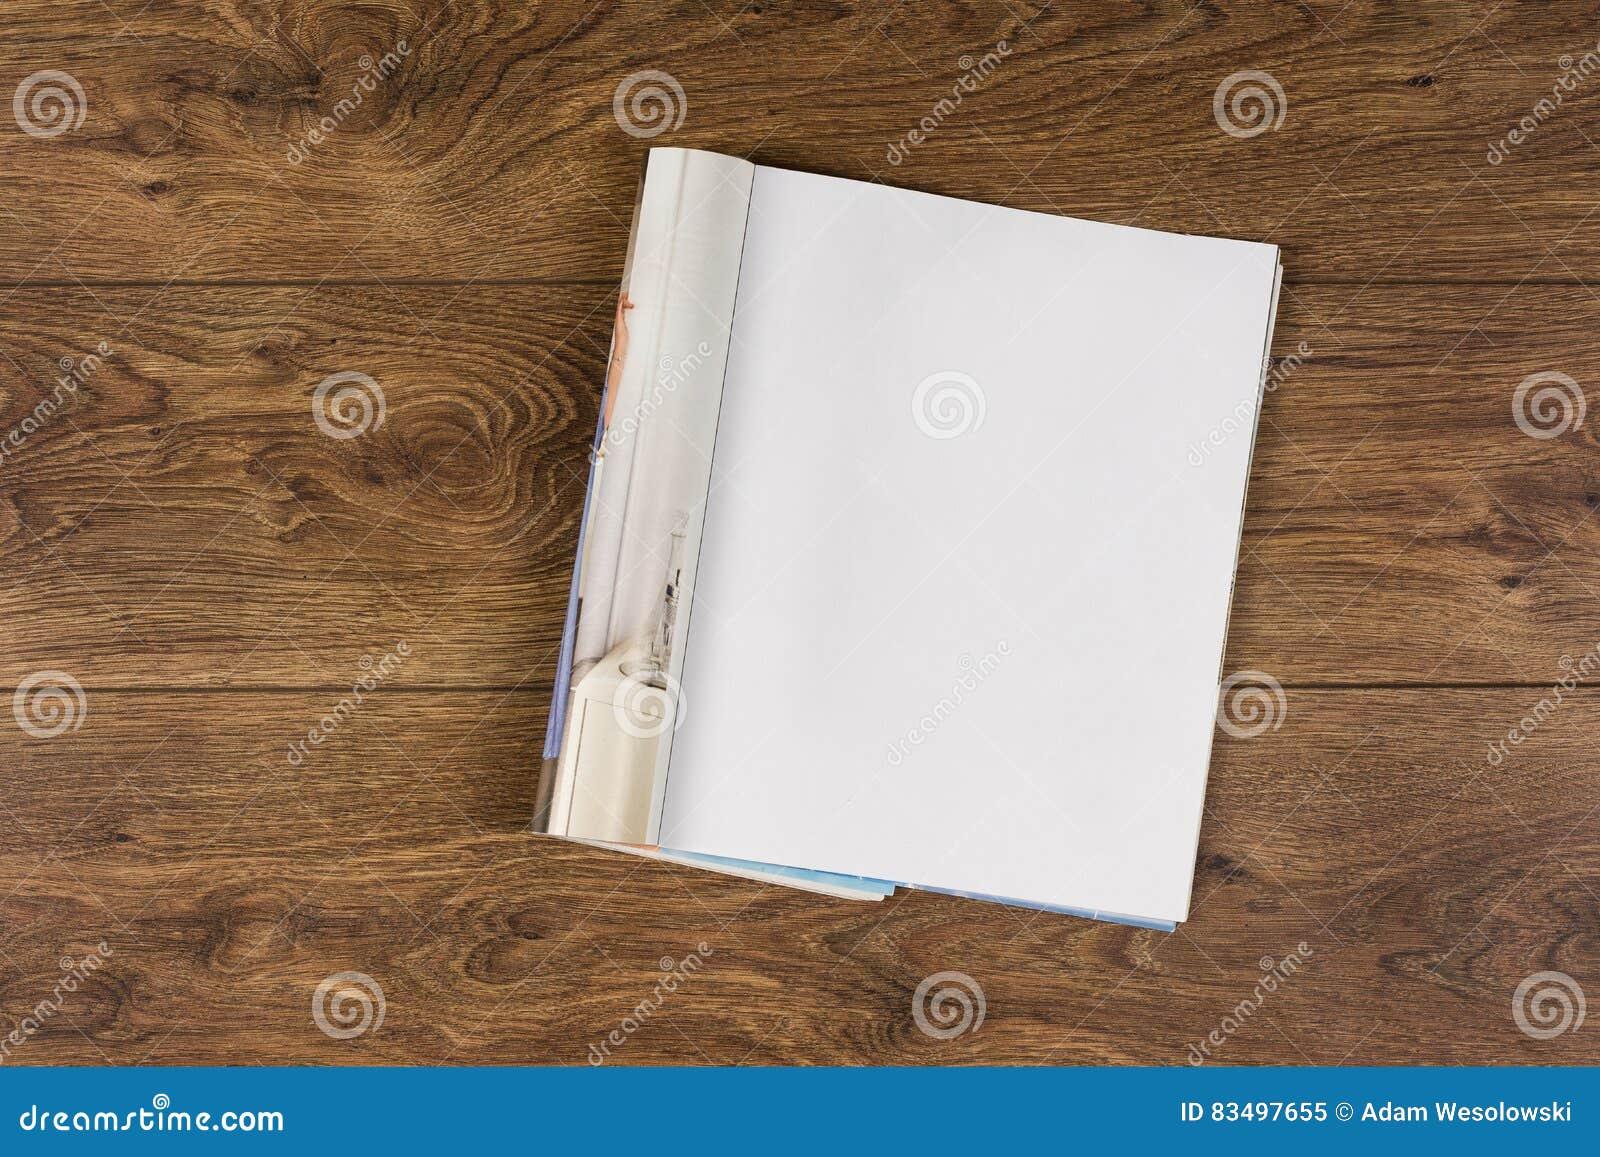 大模型杂志或编目在木桌背景